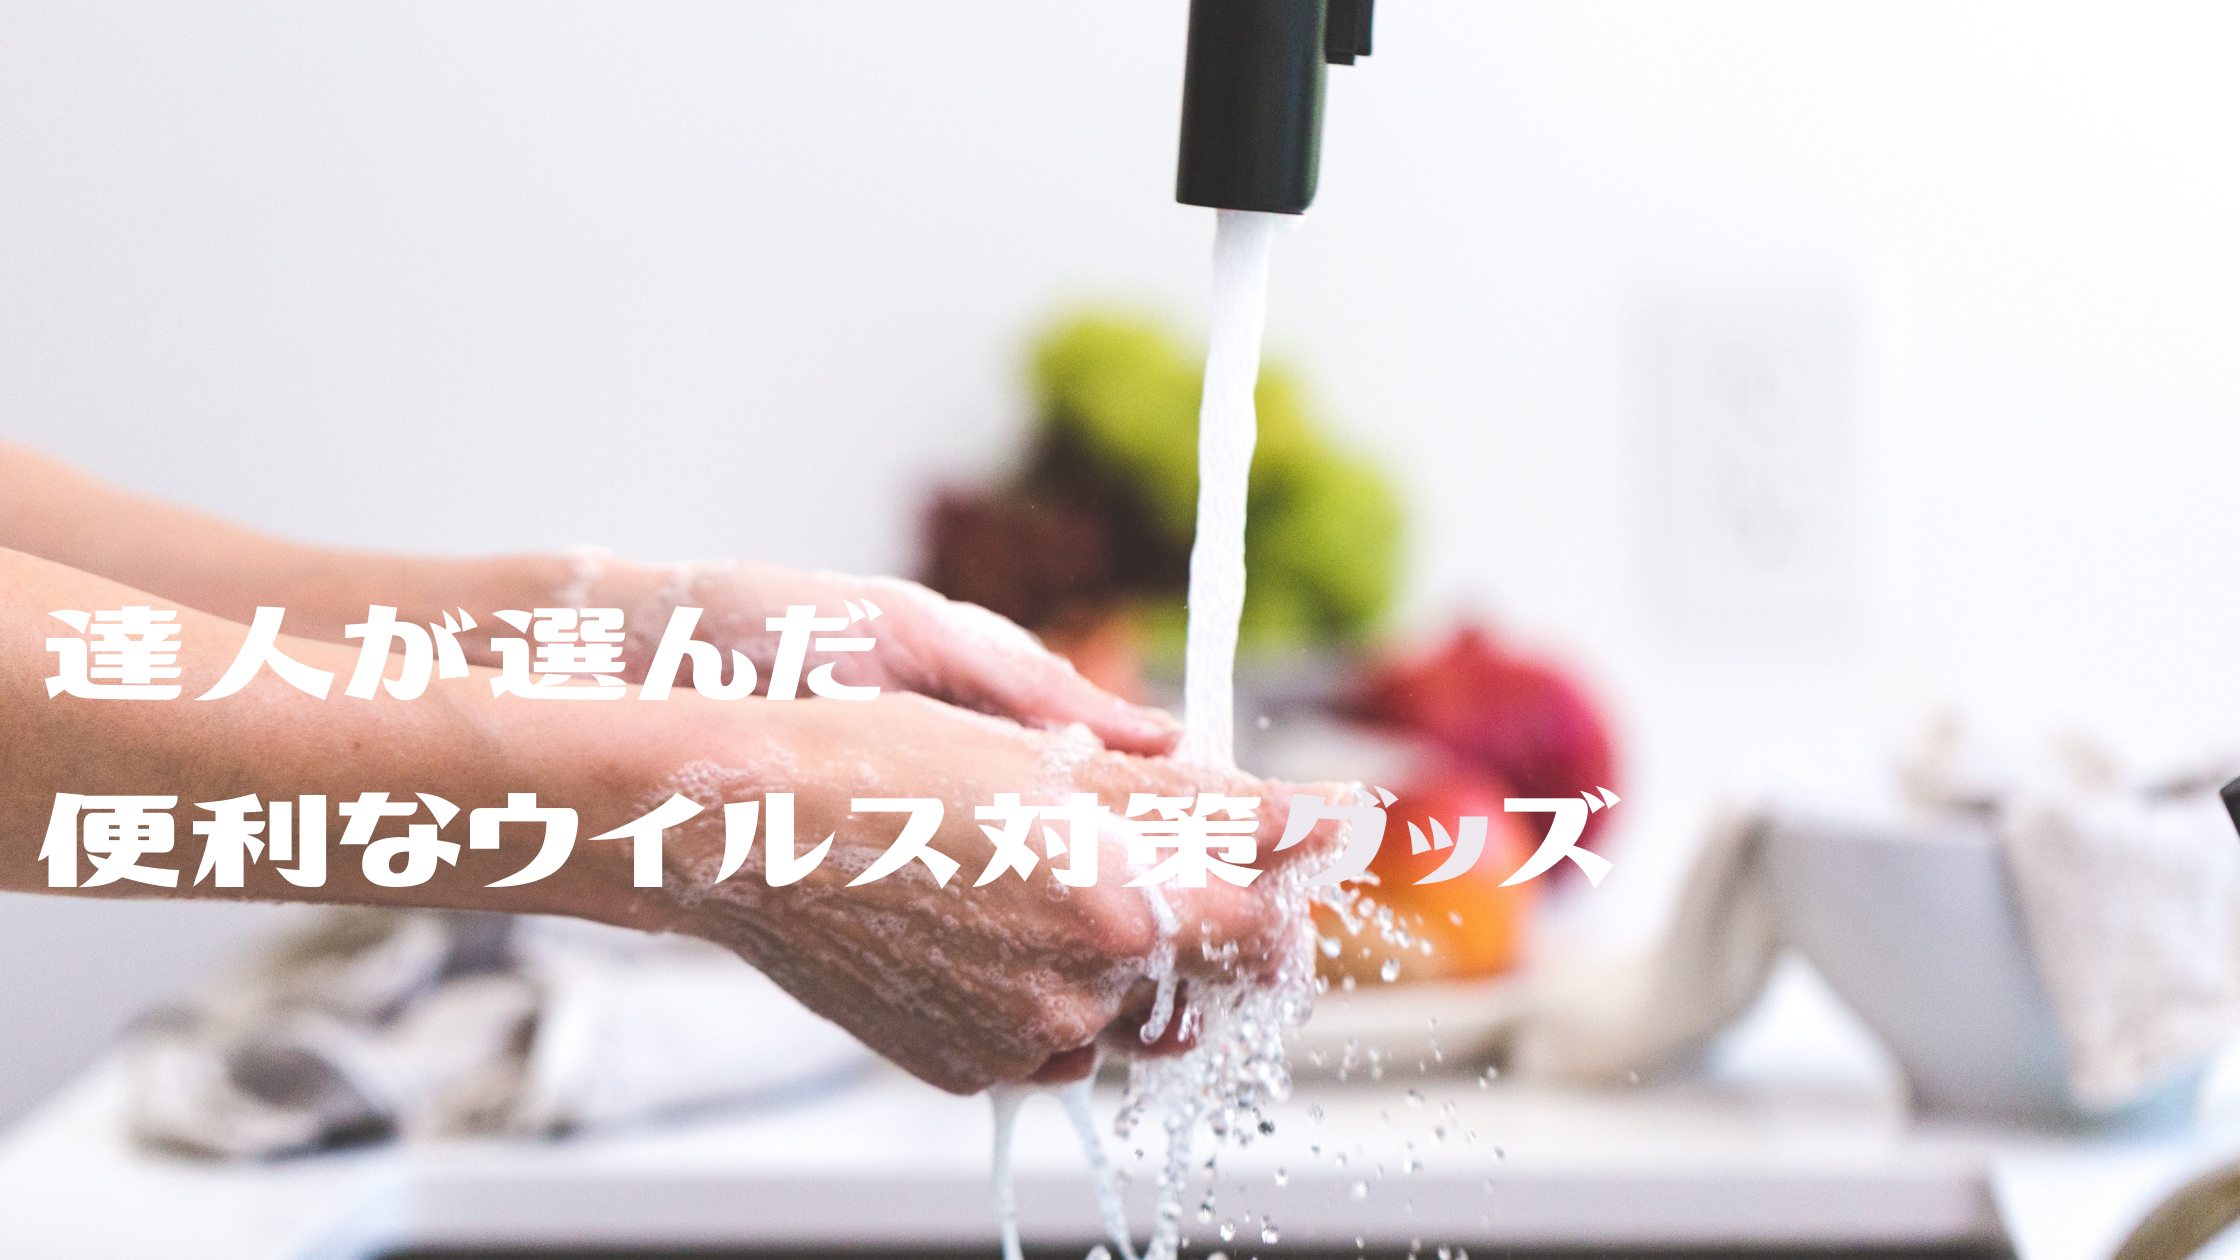 【サタデープラス】『使いきり石けん』『リストバンド』『マスク用洗濯ネット』 最新 便利ウイルス対策グッズ